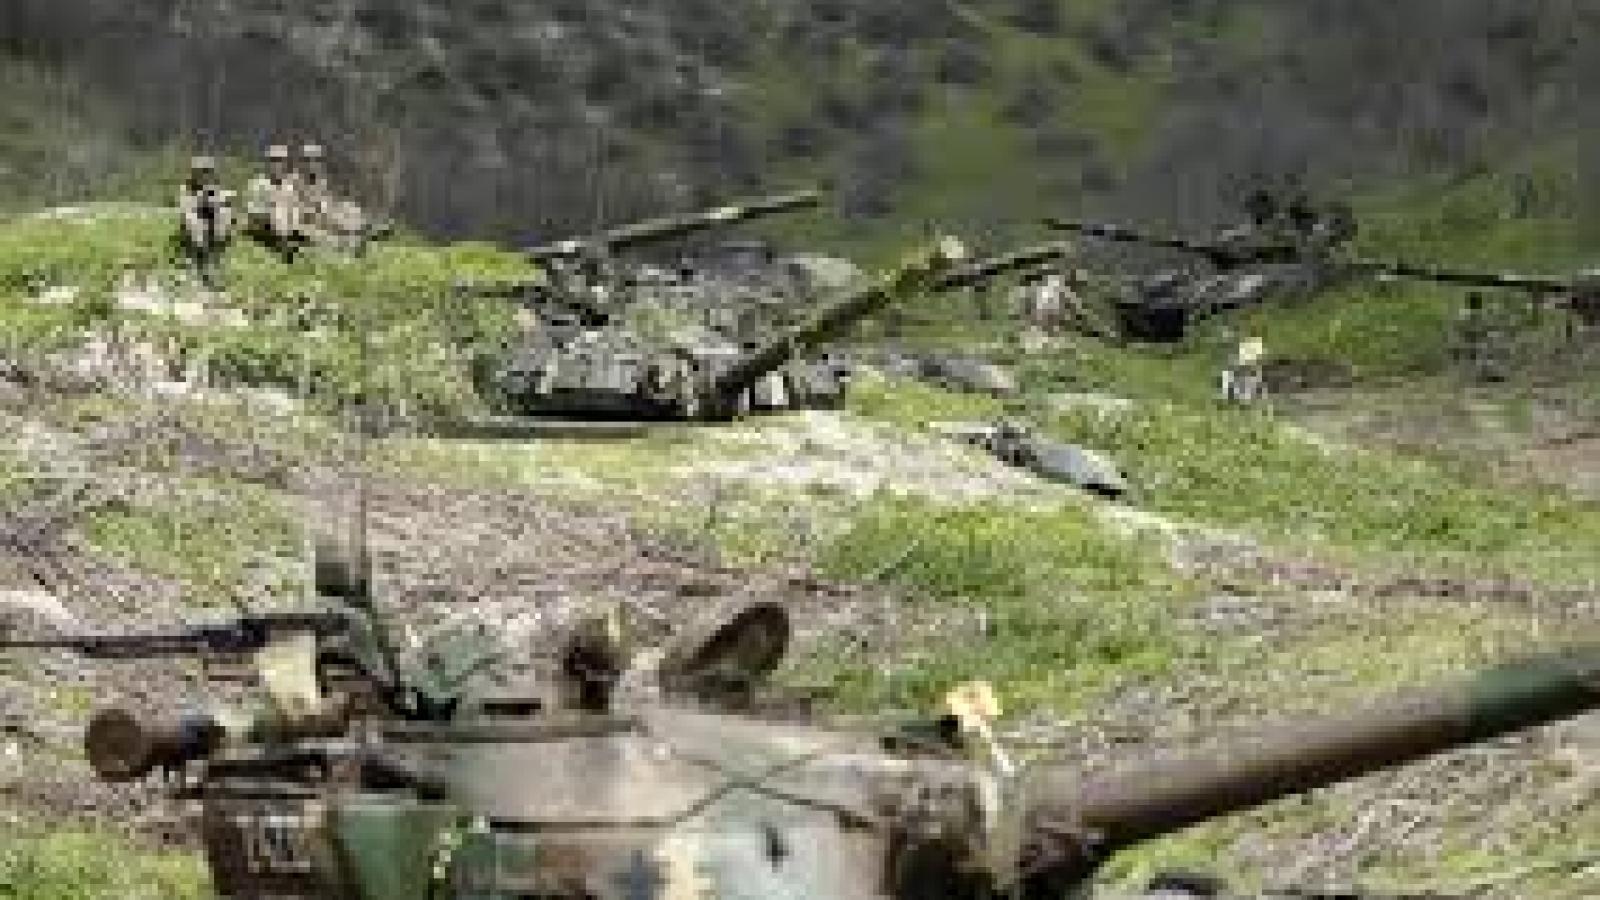 Lệnh ngừng bắn lại bị vi phạm ở khu vực Nagorno-Karabakh